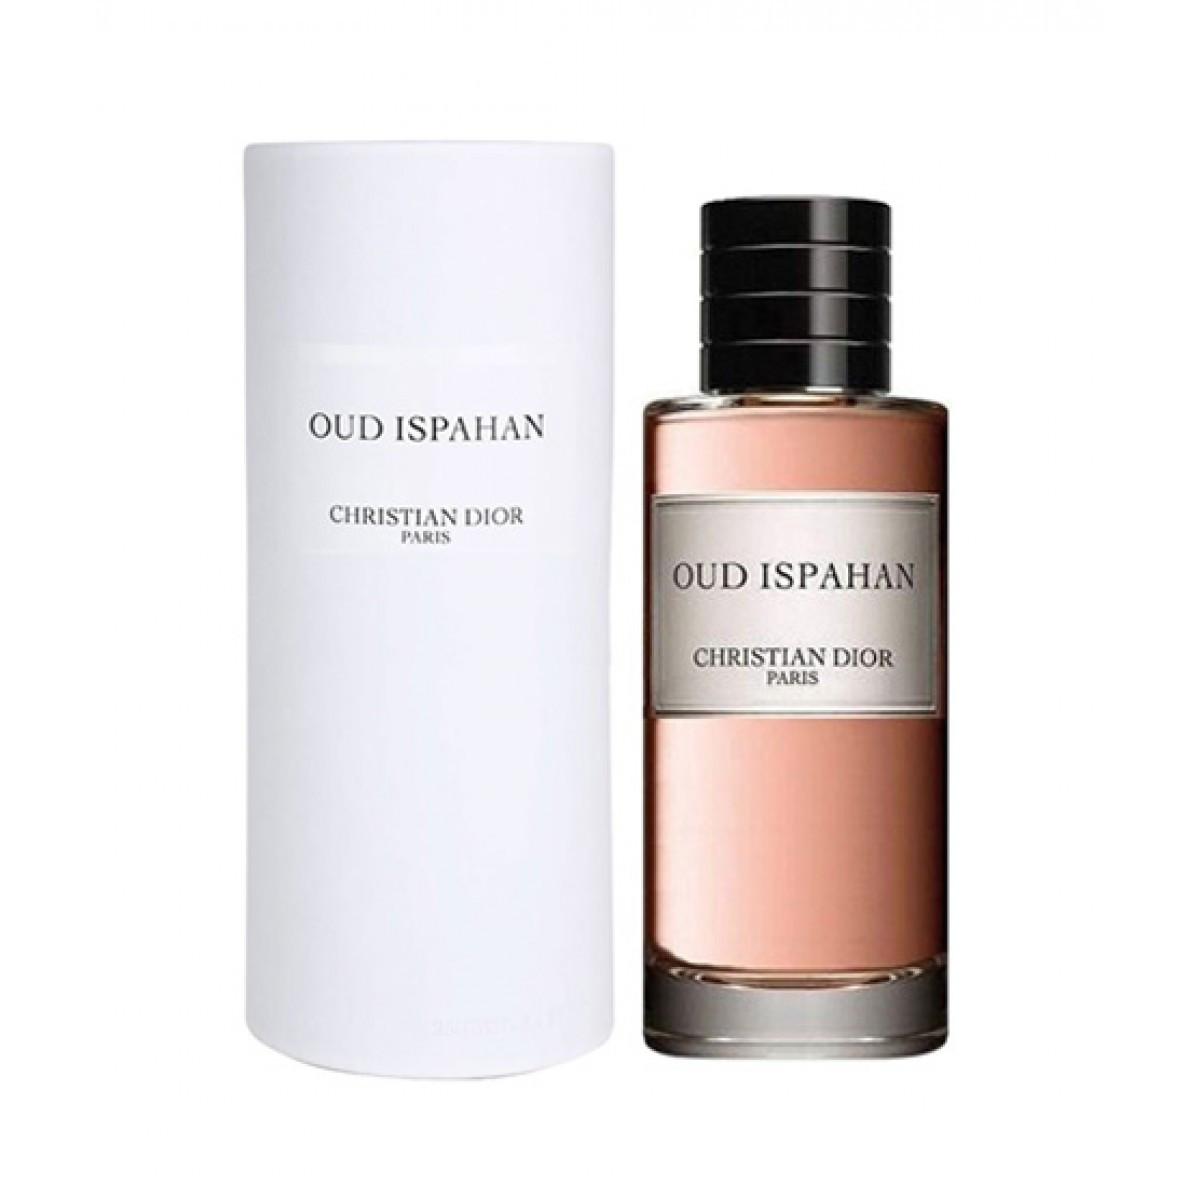 Унисекс аромат Dior Oud Ispahan